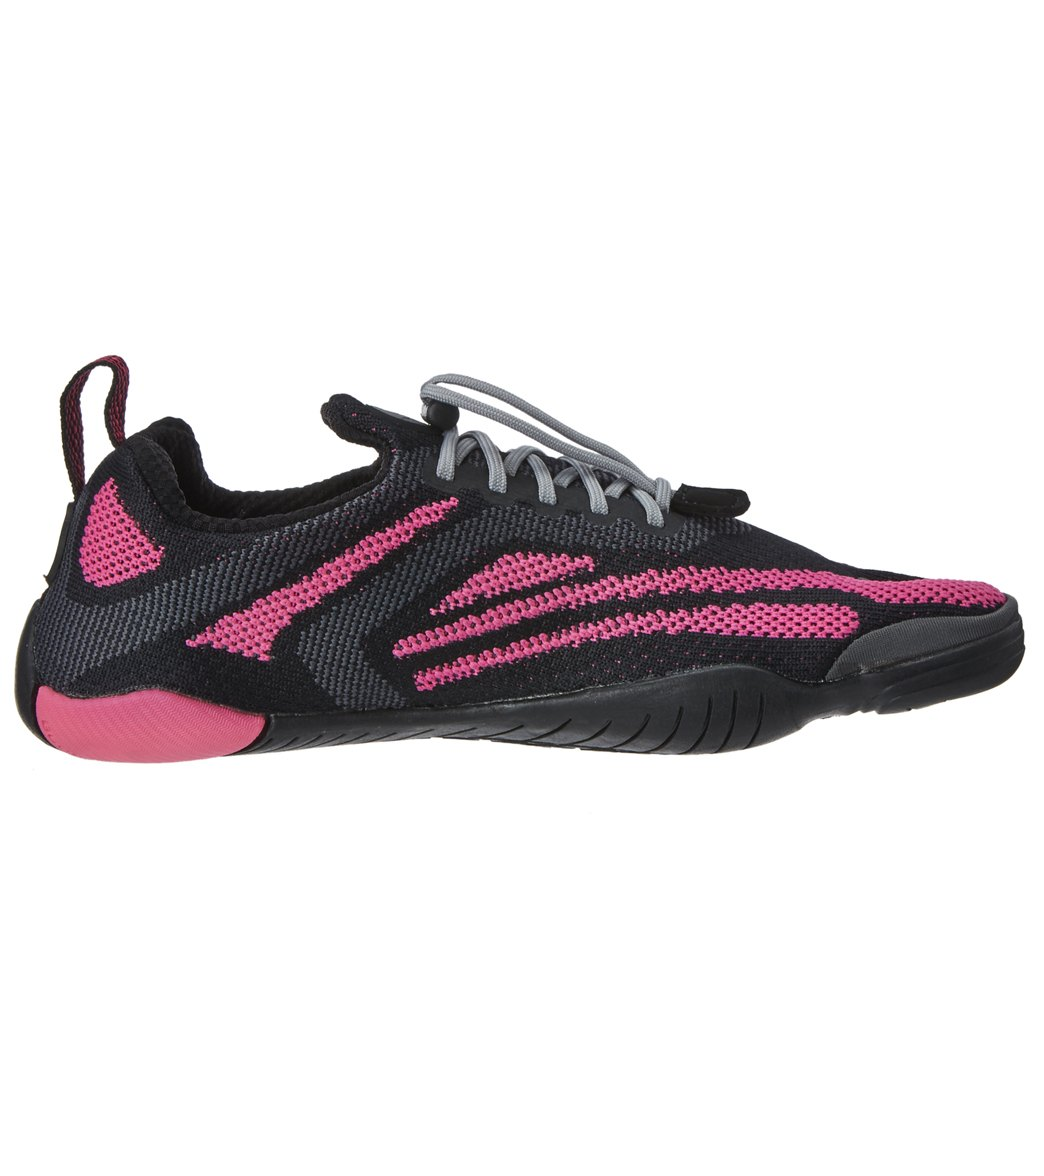 29b014452c44 Body Glove Women s 3T Barefoot Requiem Water Shoe at SwimOutlet.com ...